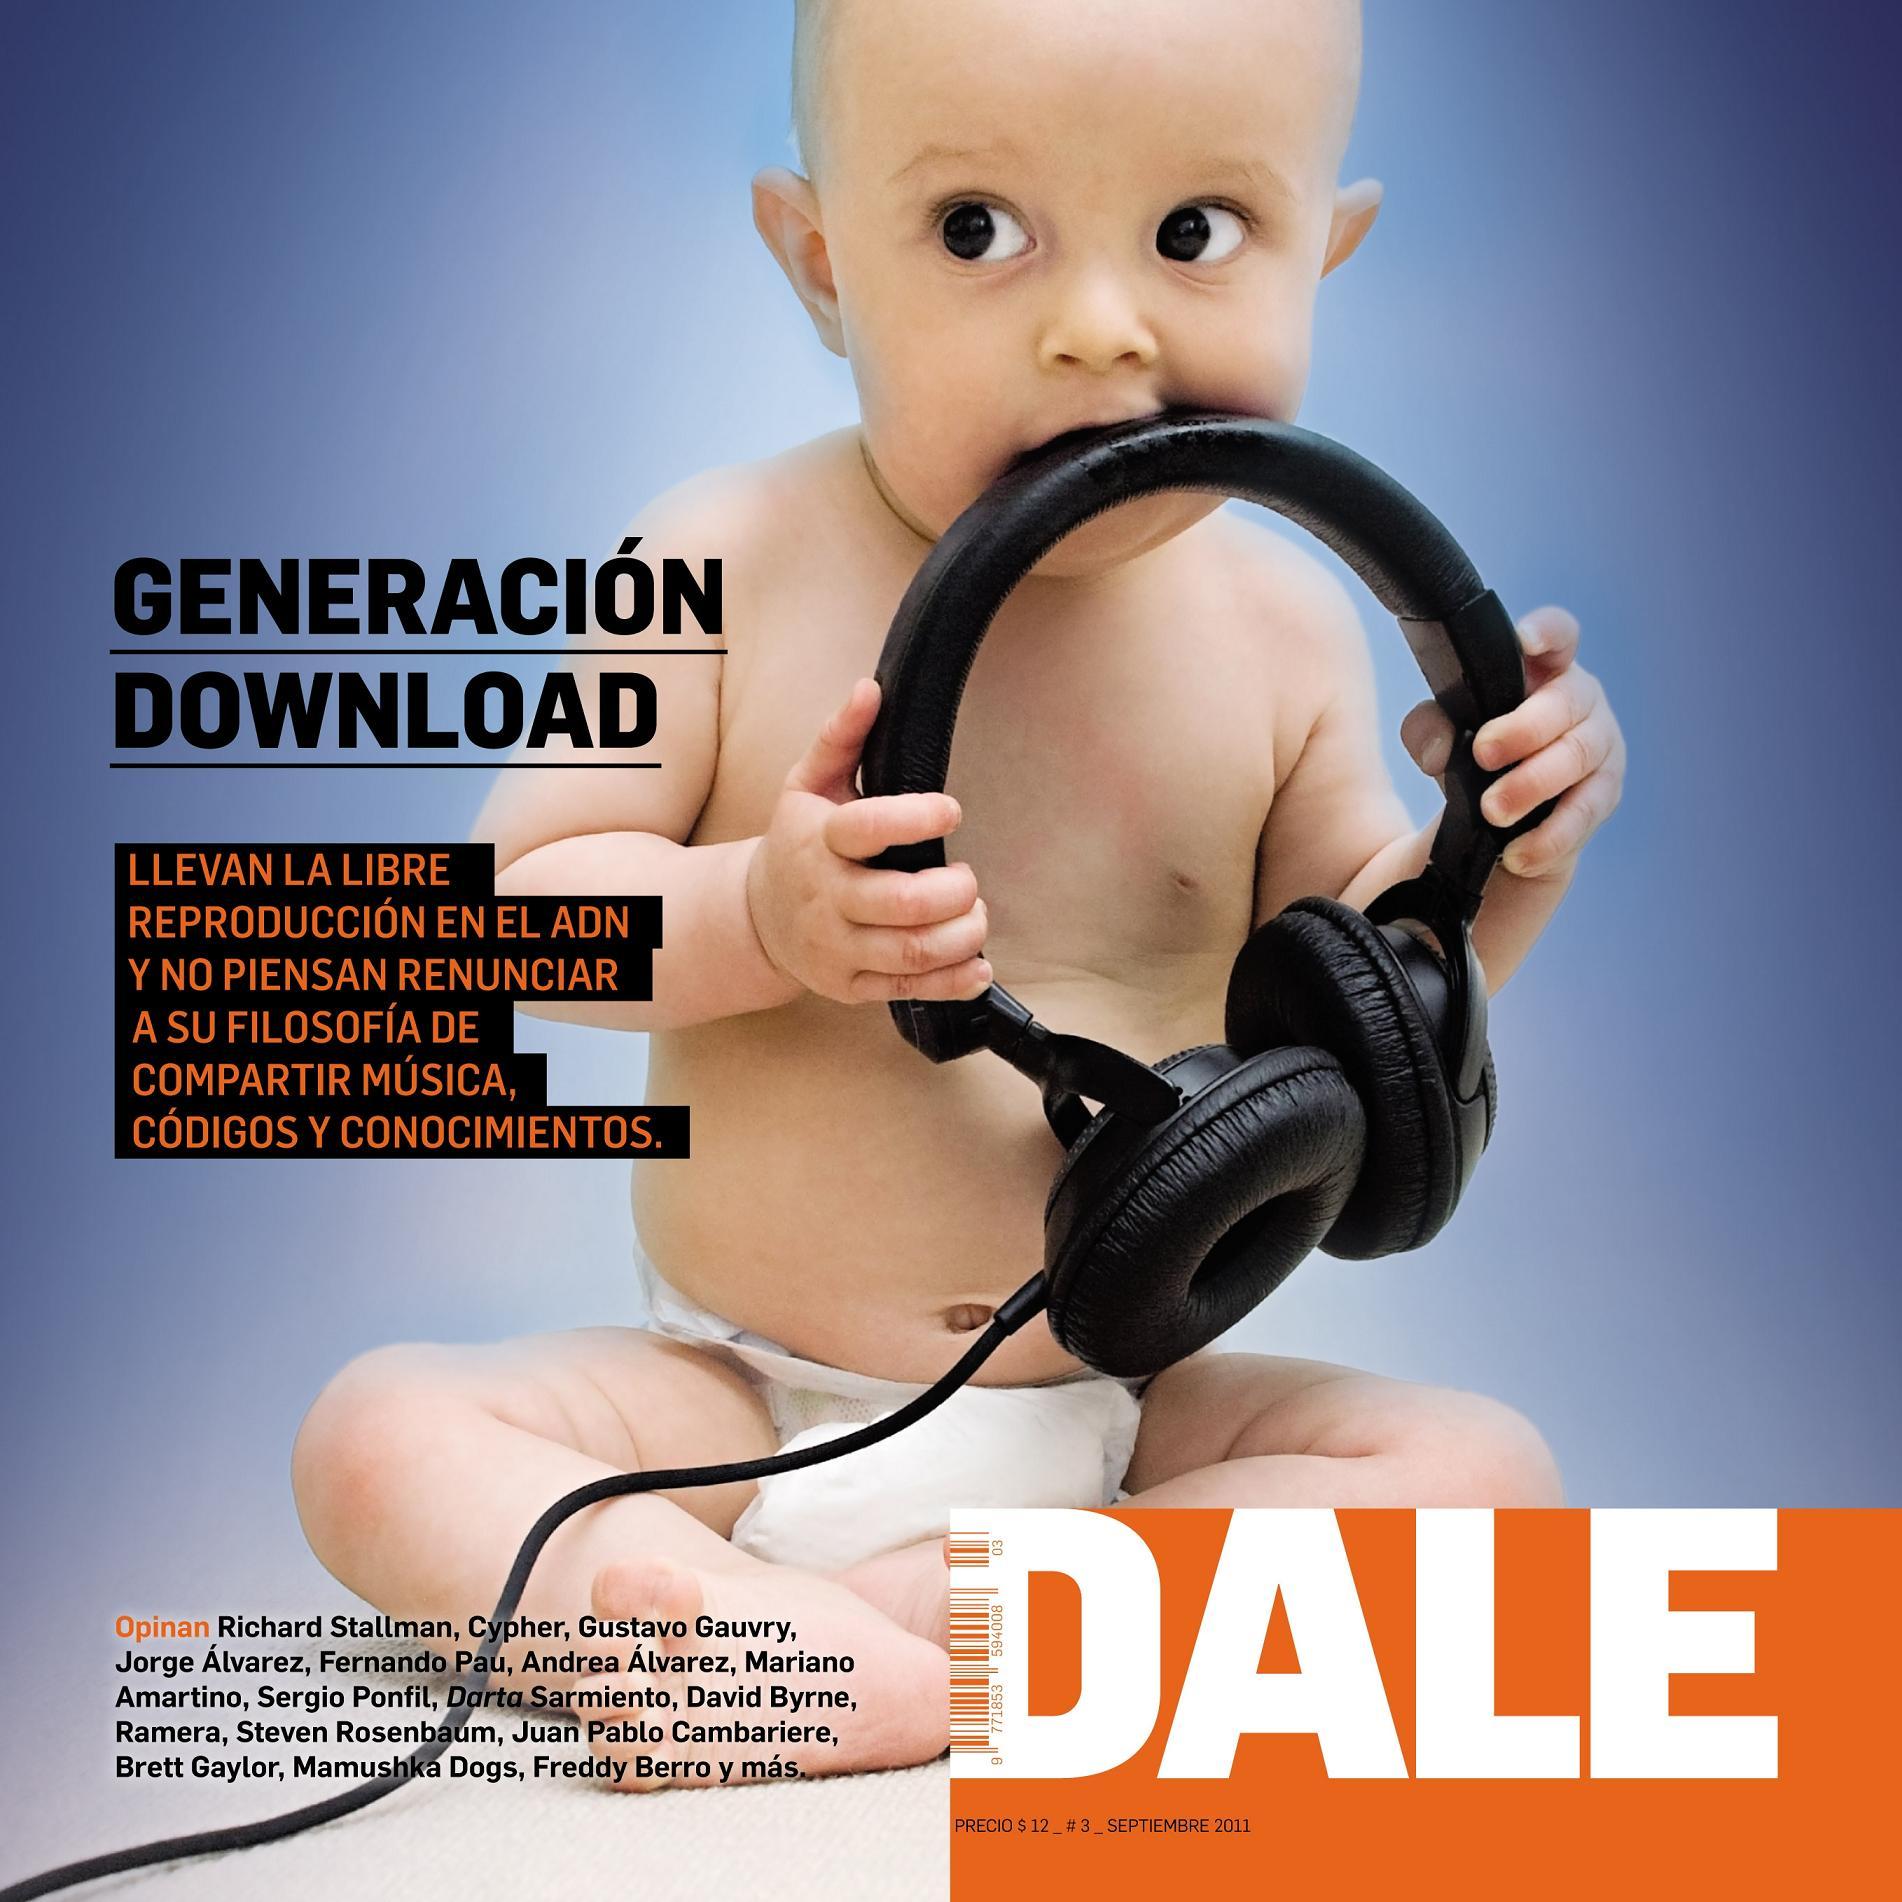 Revistas: Dale